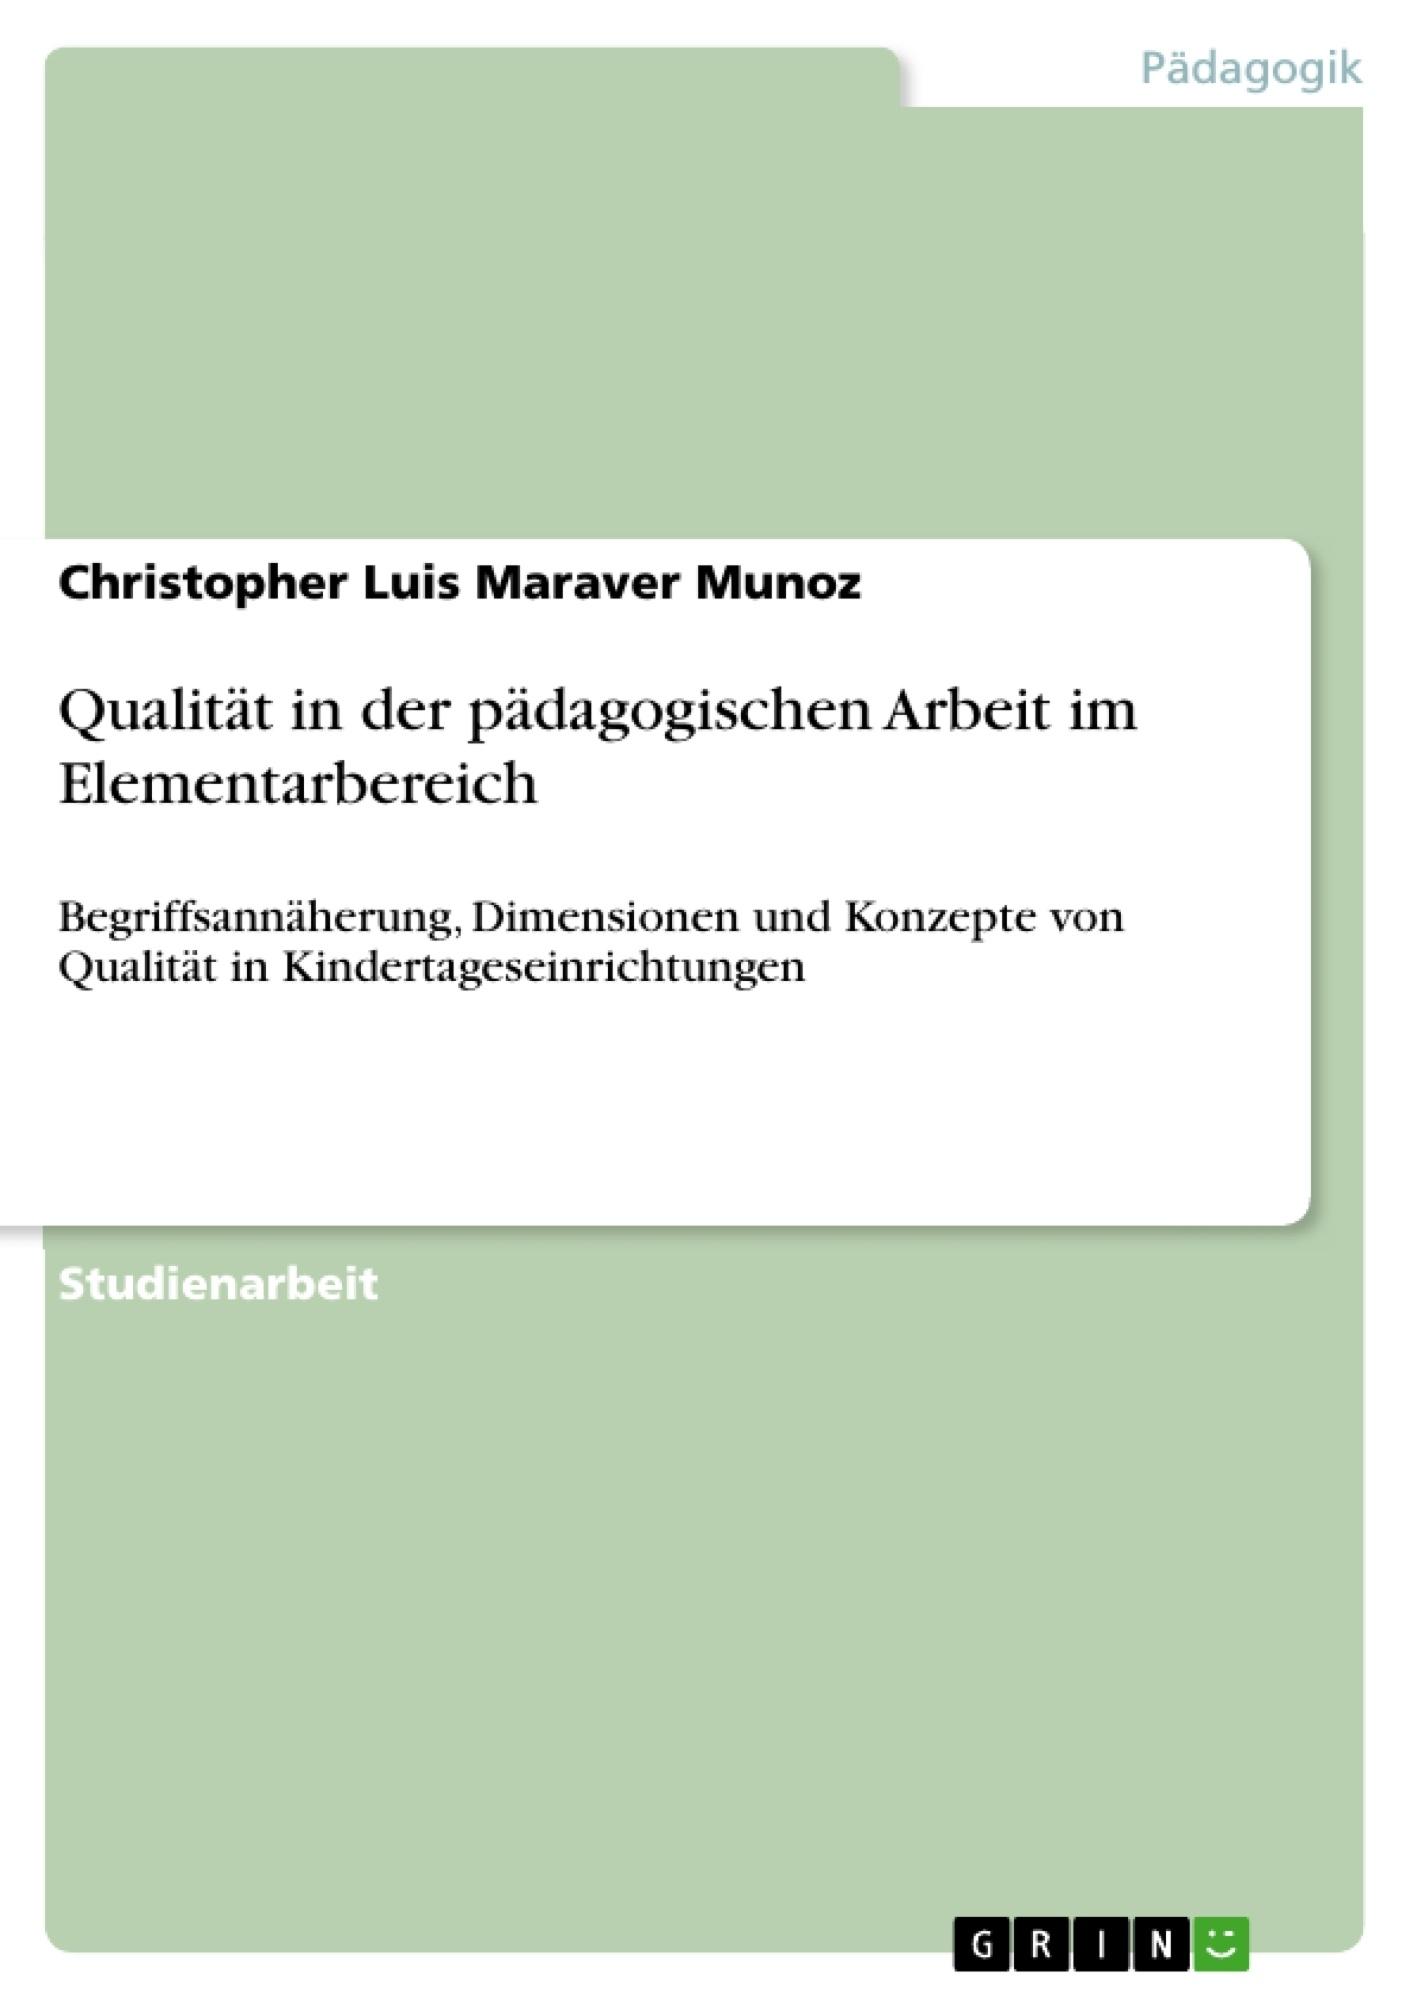 Titel: Qualität in der pädagogischen Arbeit im Elementarbereich